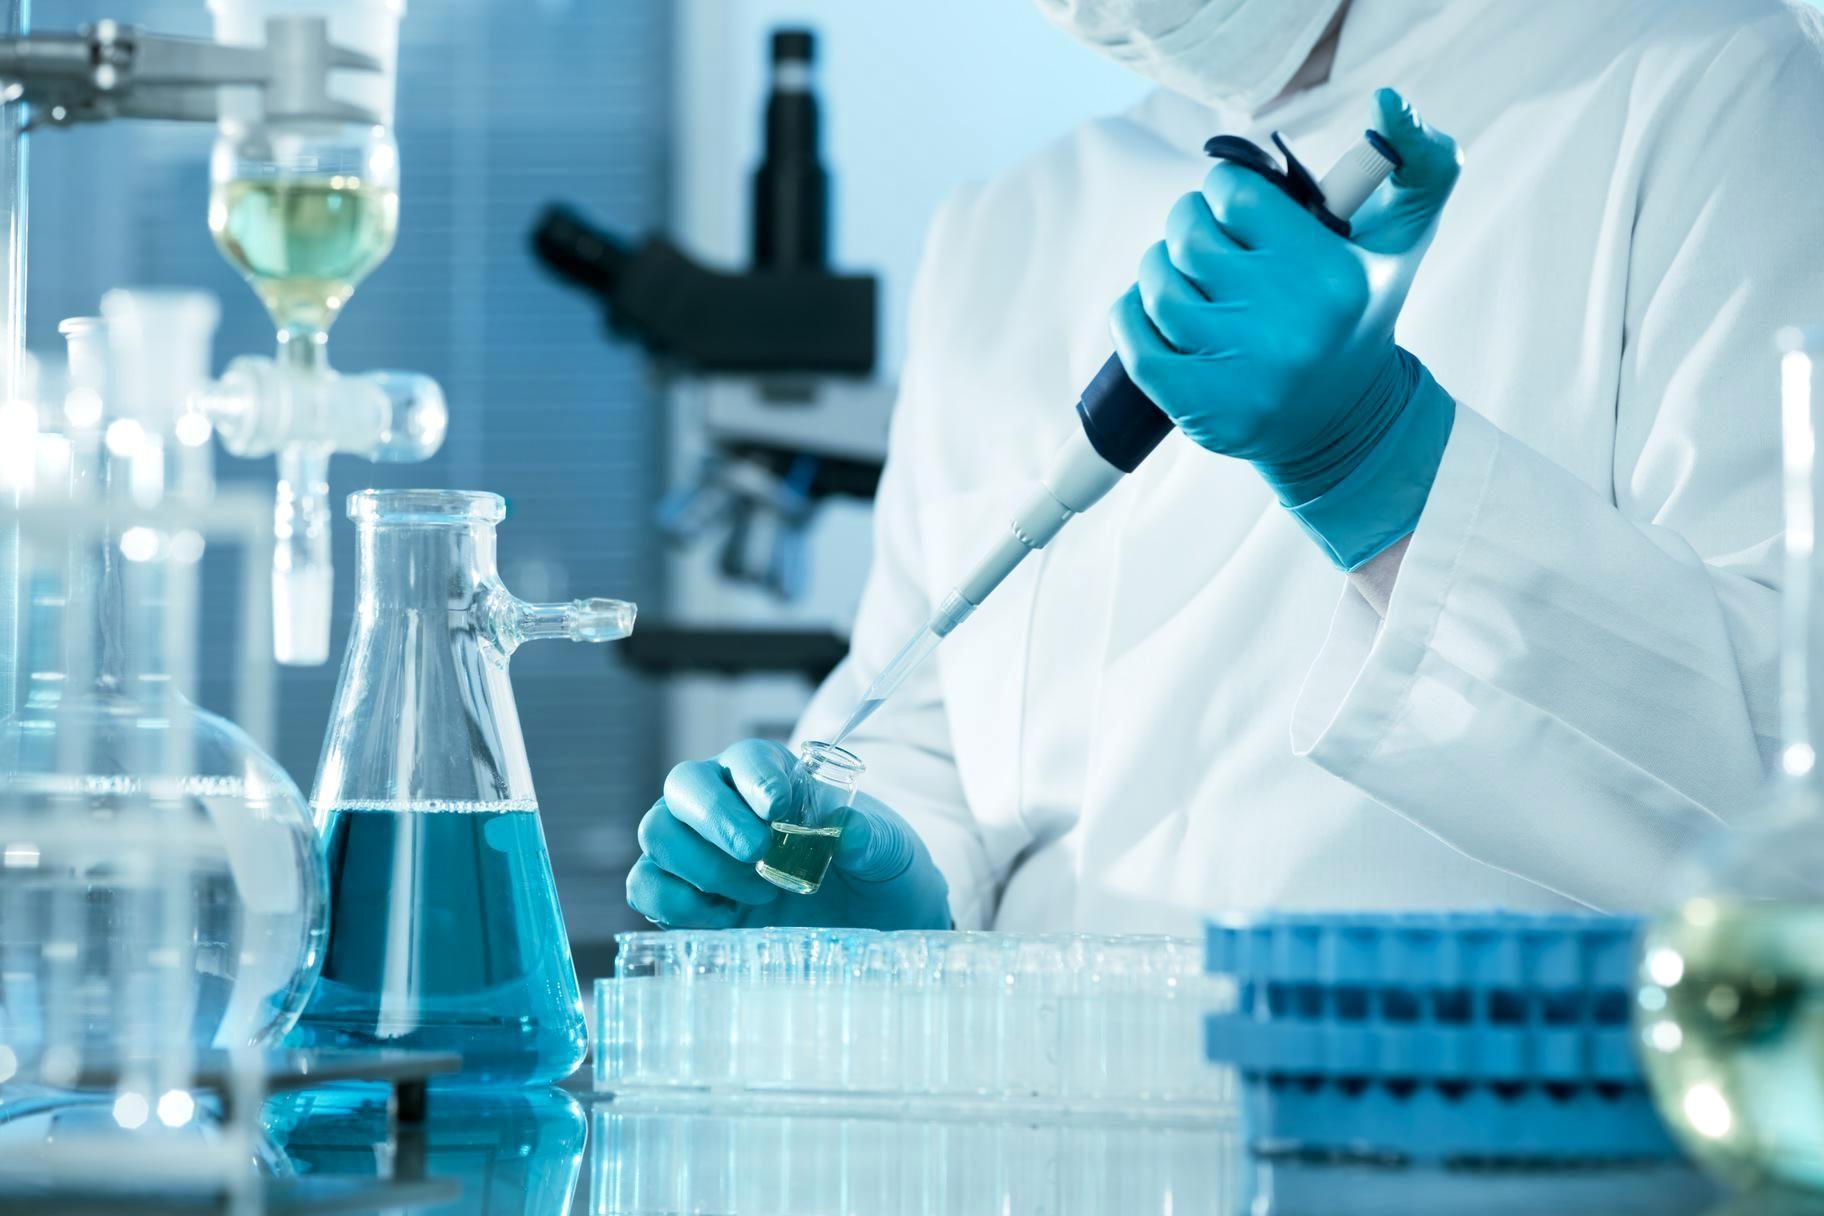 Developing Life-Saving Drugs